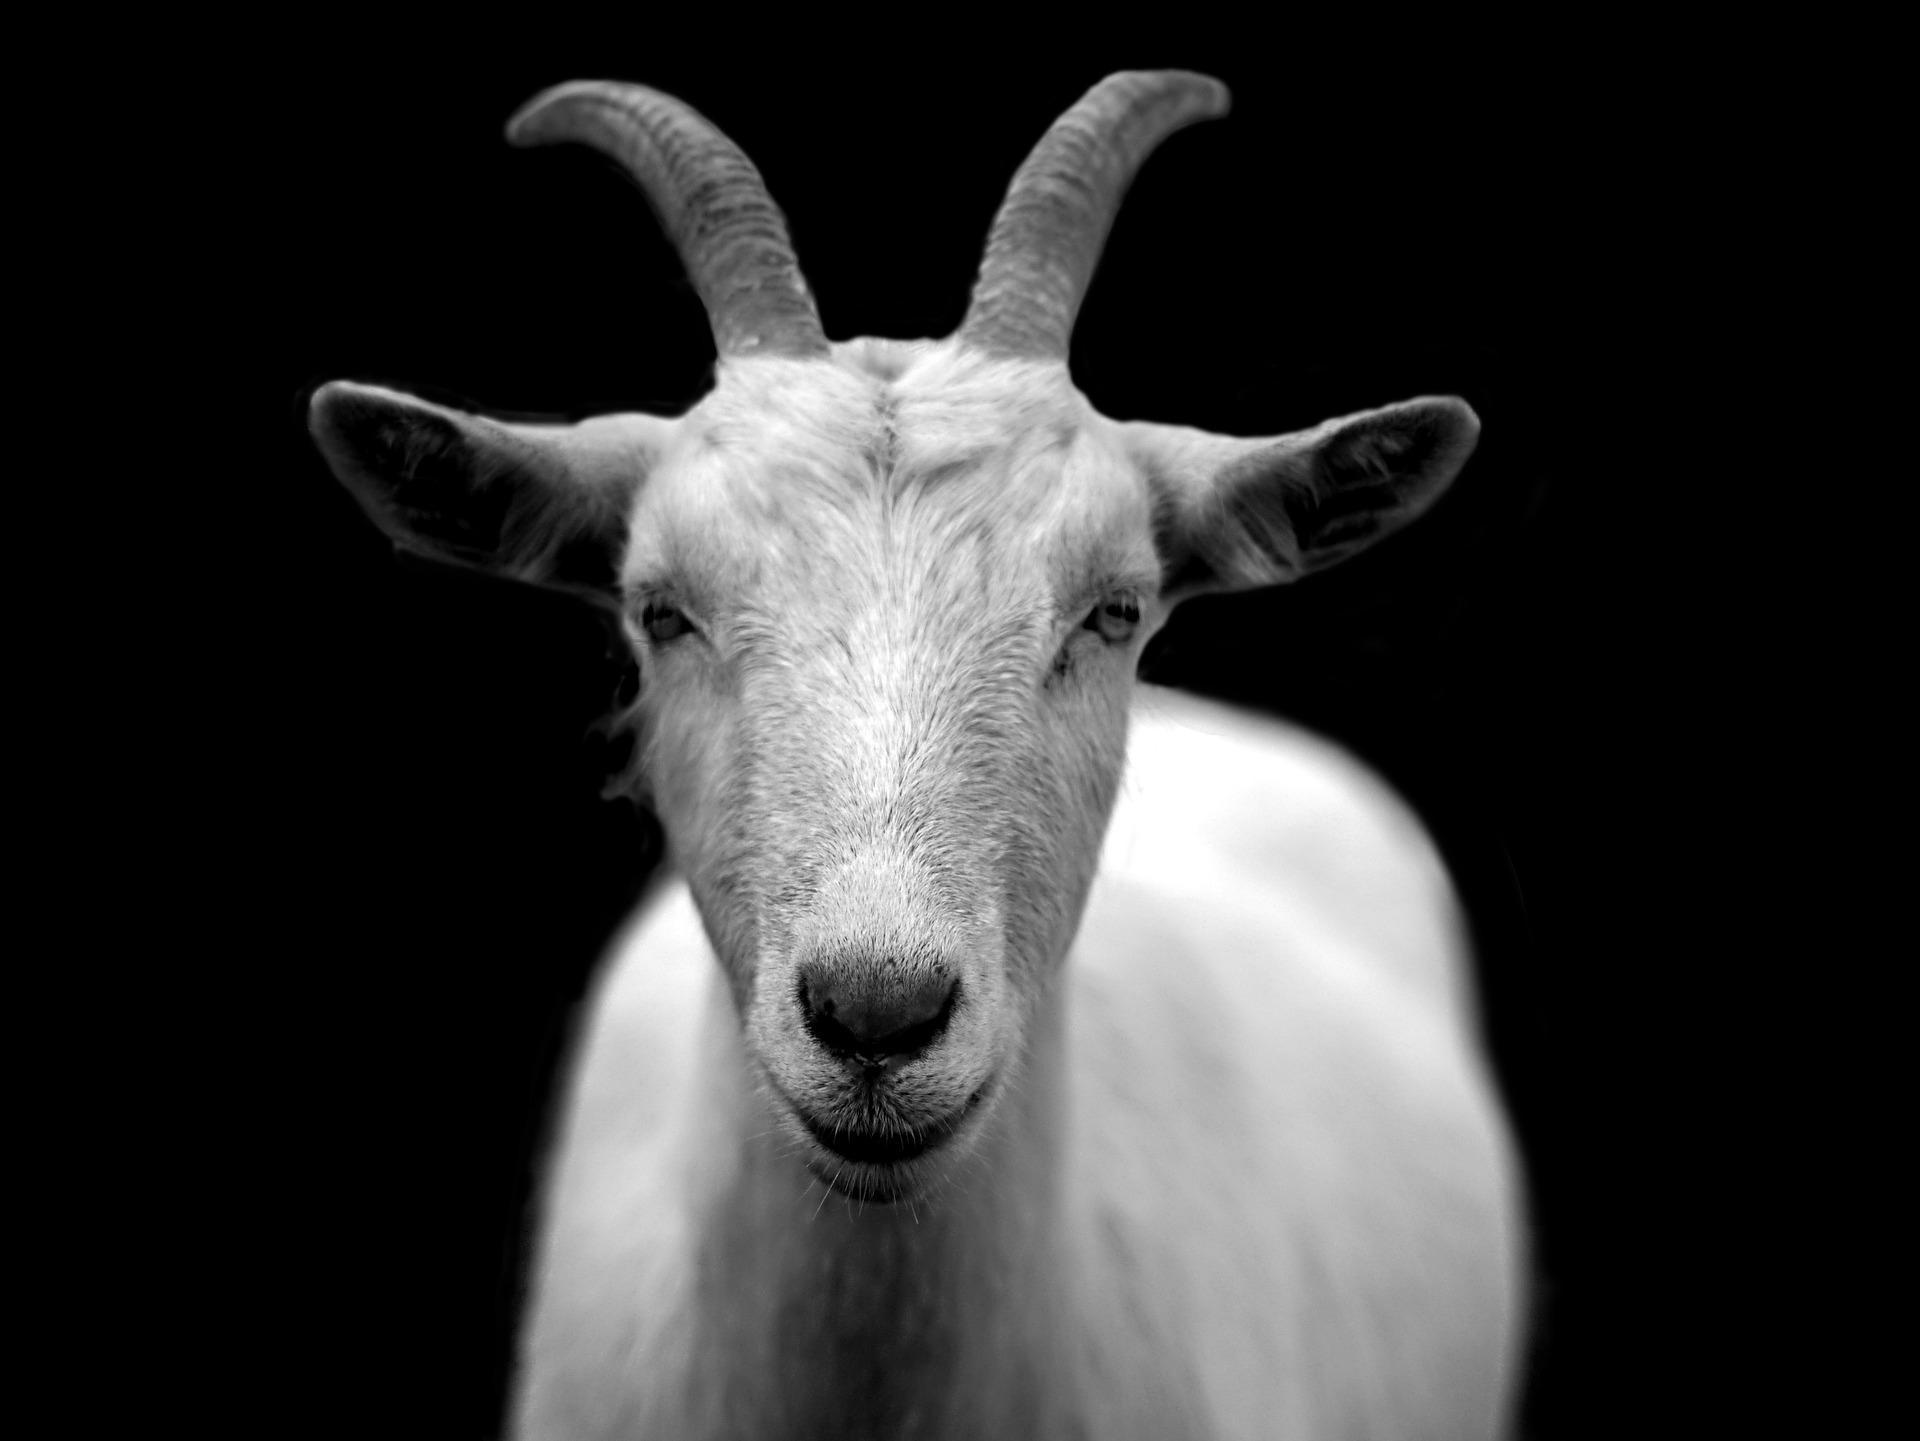 goat 50290 1920 - Une mise en garde à tous ceux qui voudraient devenir des magiciens blancs